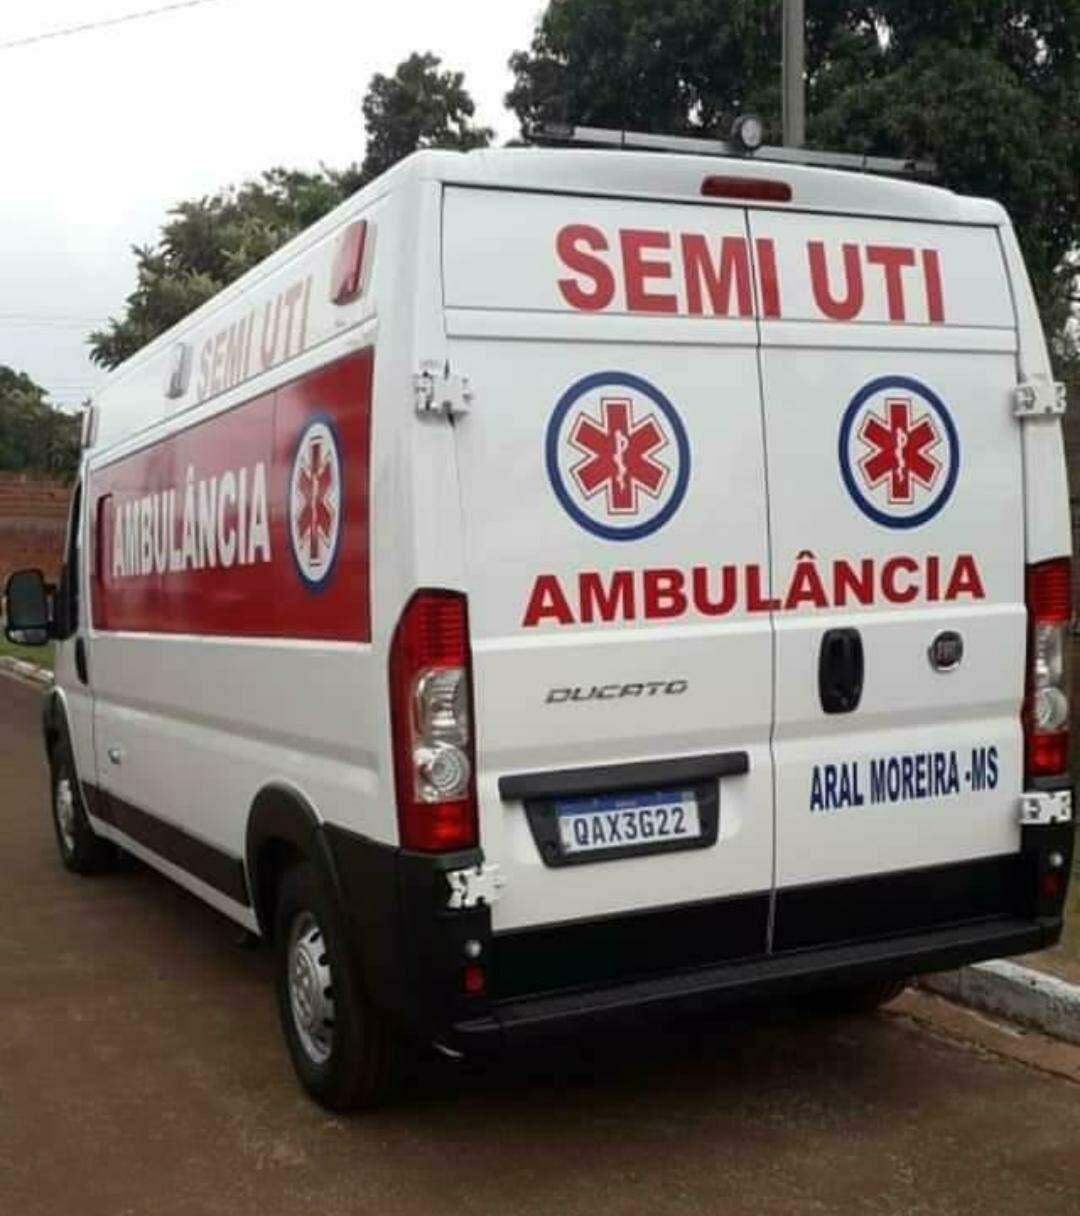 Ambulância de Aral Moreira que estava desaparecida. (Foto: Divulgação)